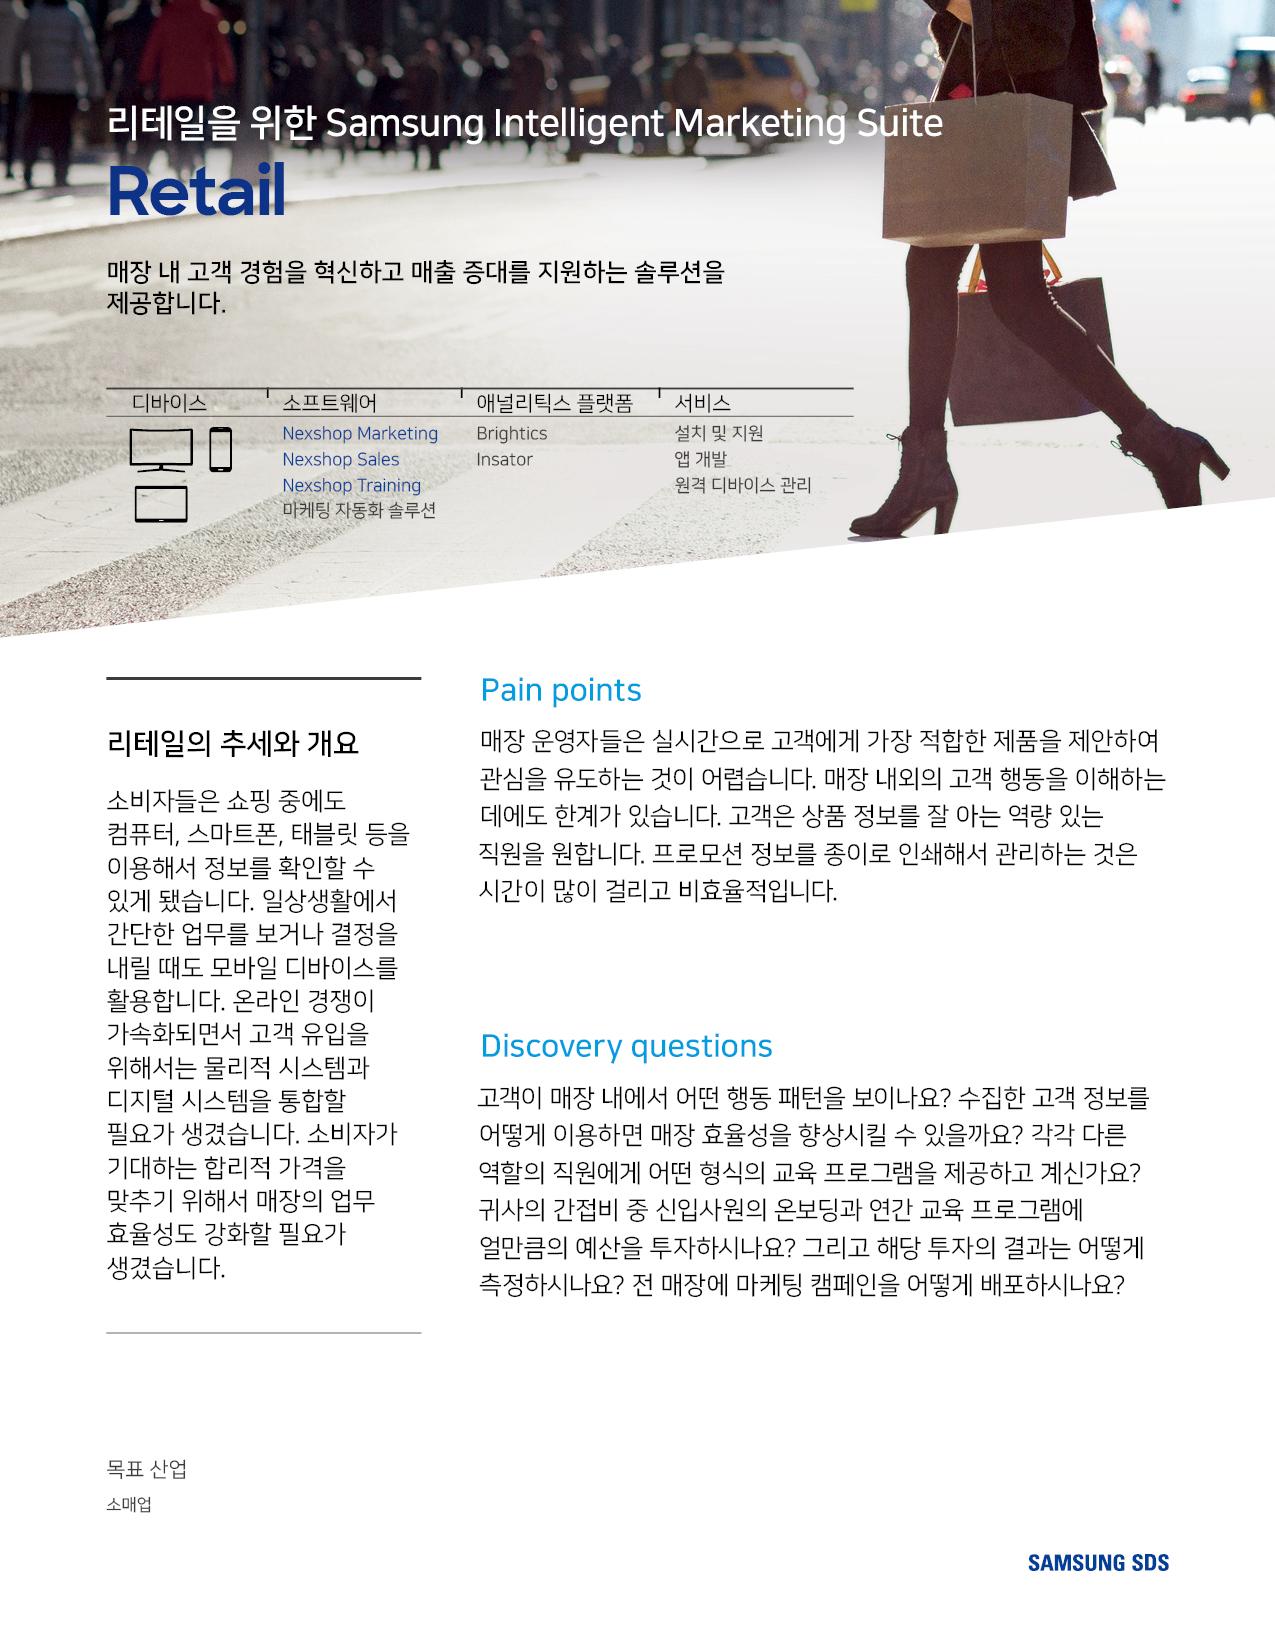 리테일을 위한 인텔리전트 마케팅 1